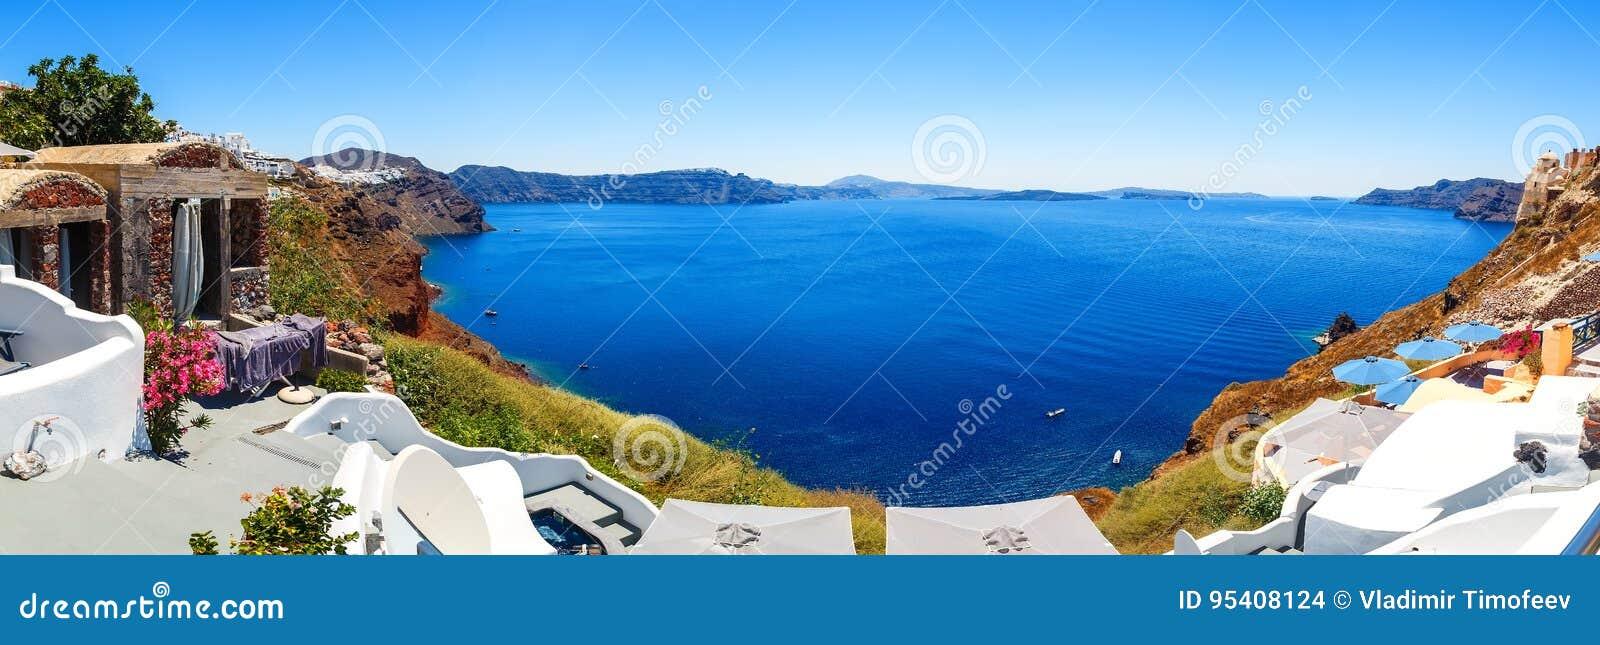 Panorama von Fira, moderne Hauptstadt der griechischen ägäischen Inseln, Santorini, mit Kessel und Vulkan, Griechenland